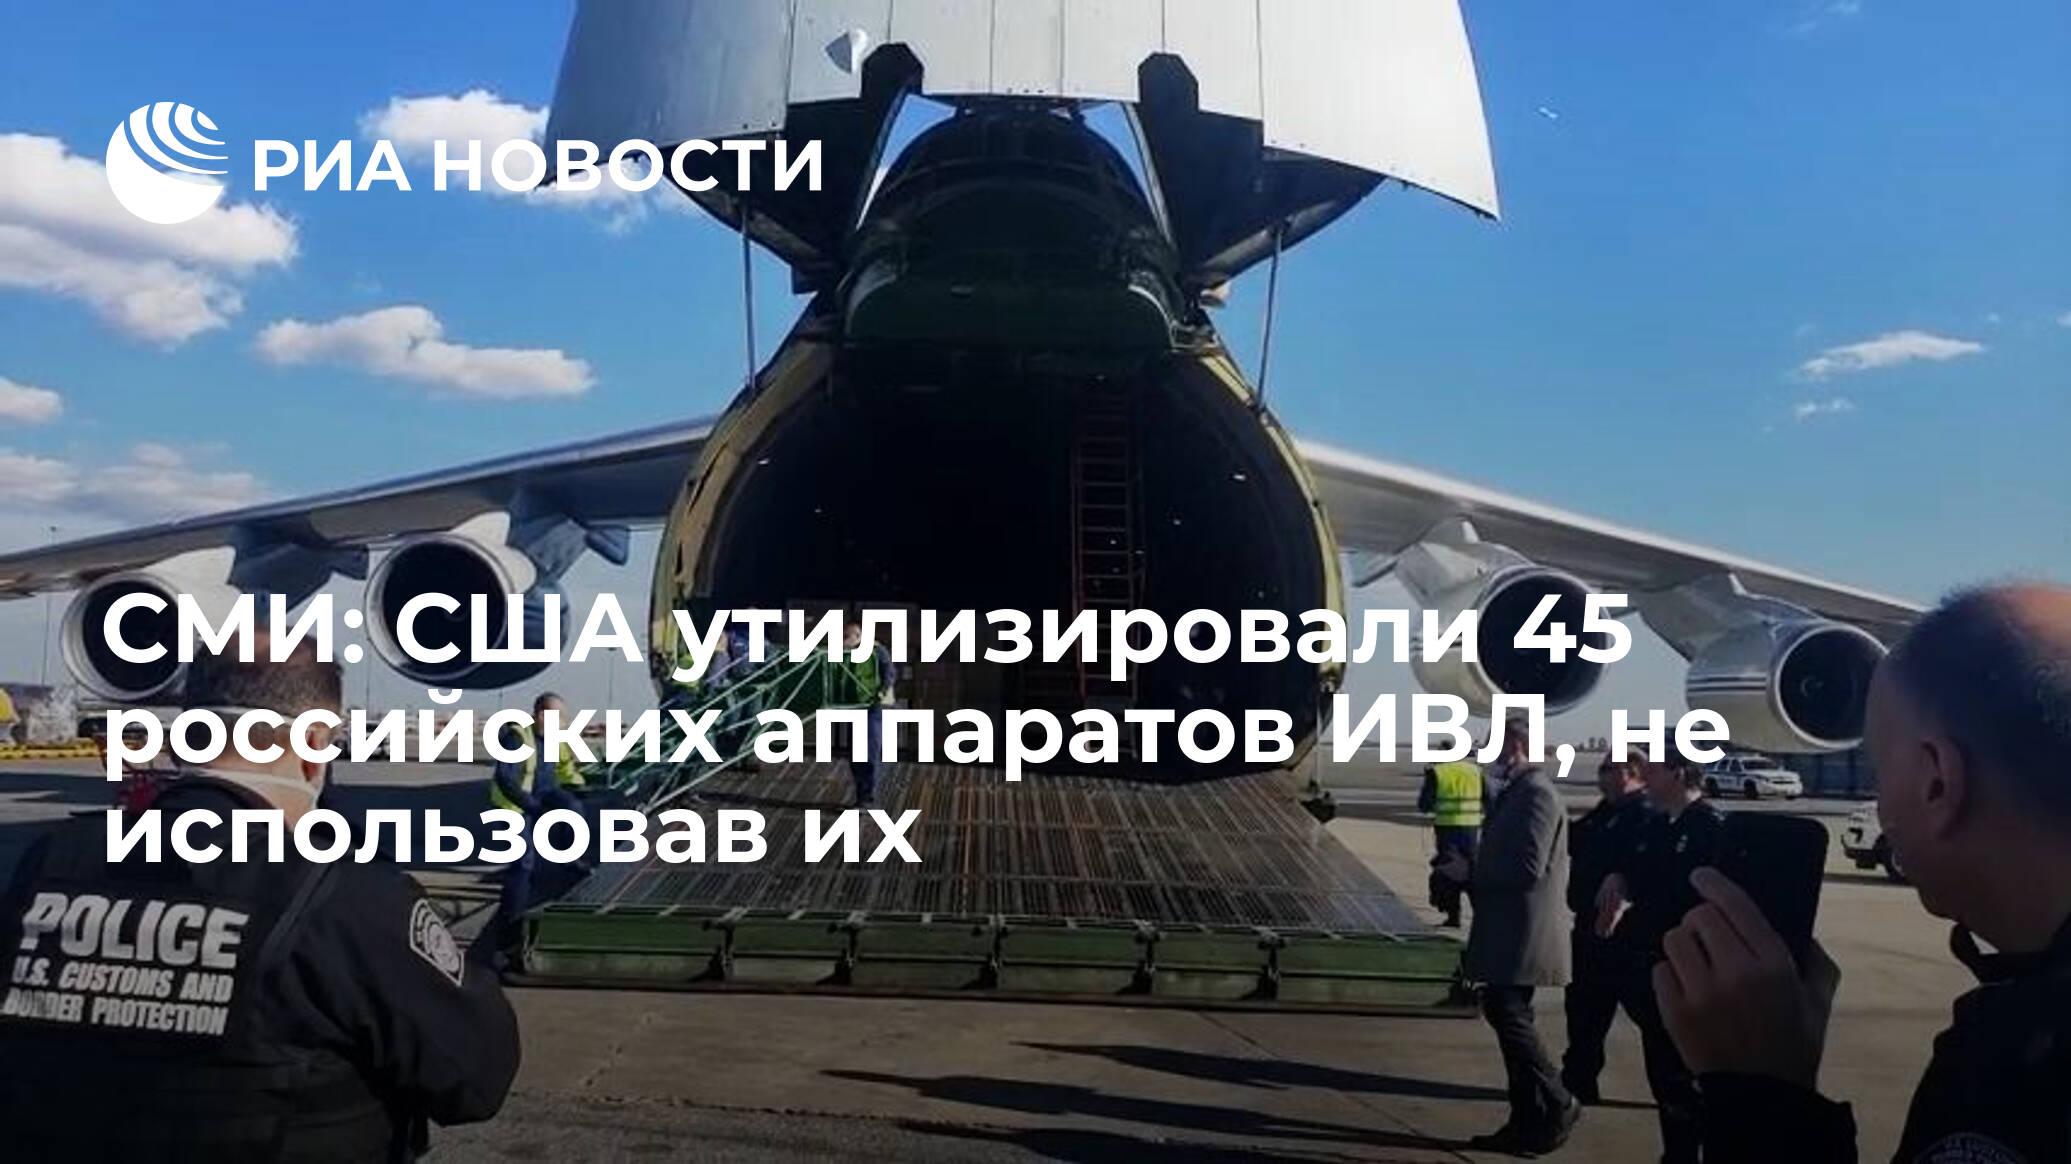 СМИ: США утилизировали 45 российских аппаратов ИВЛ, не использовав их